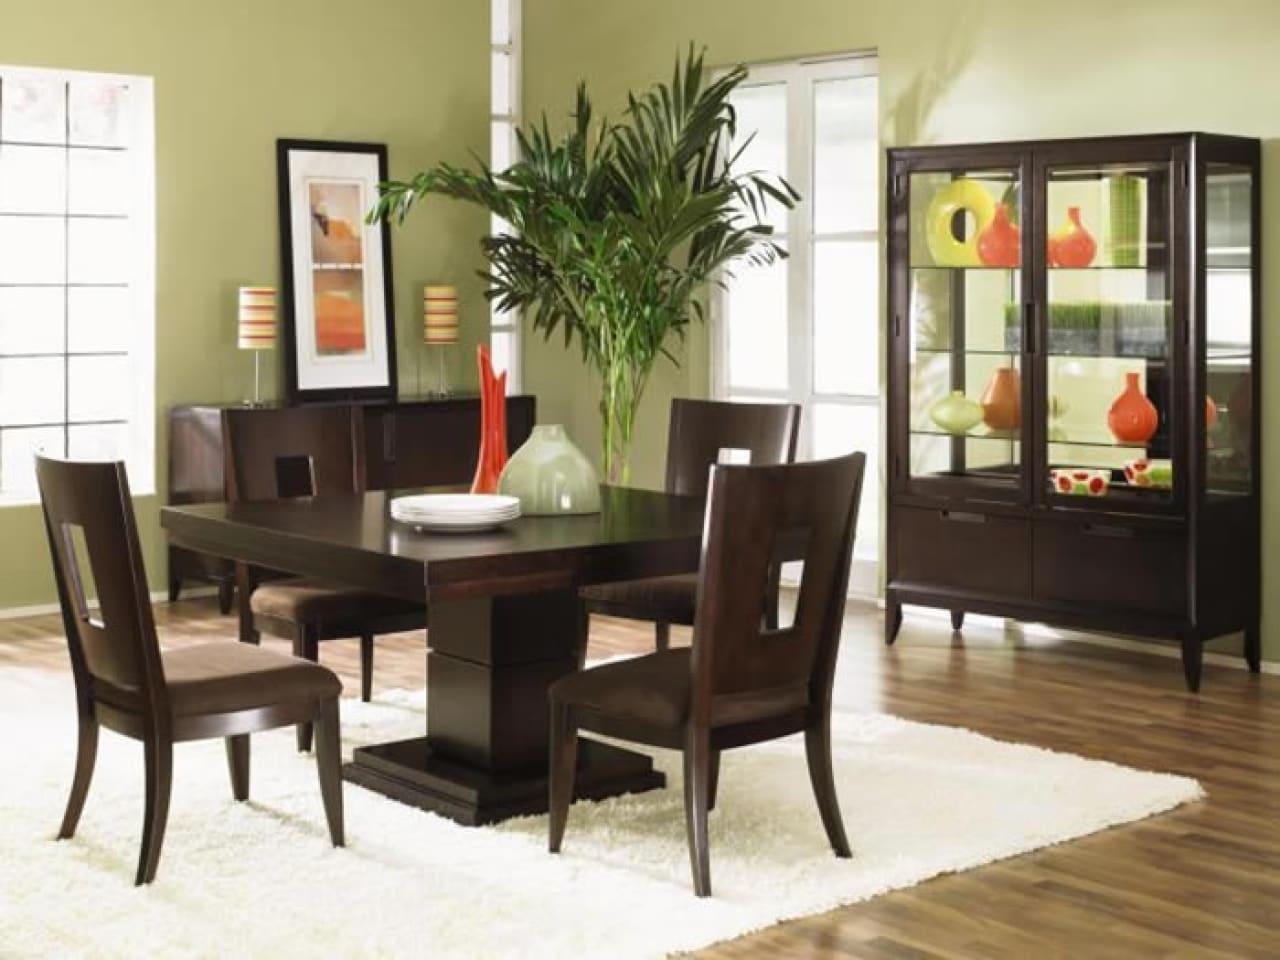 sala com uma mesa pequena de madeira